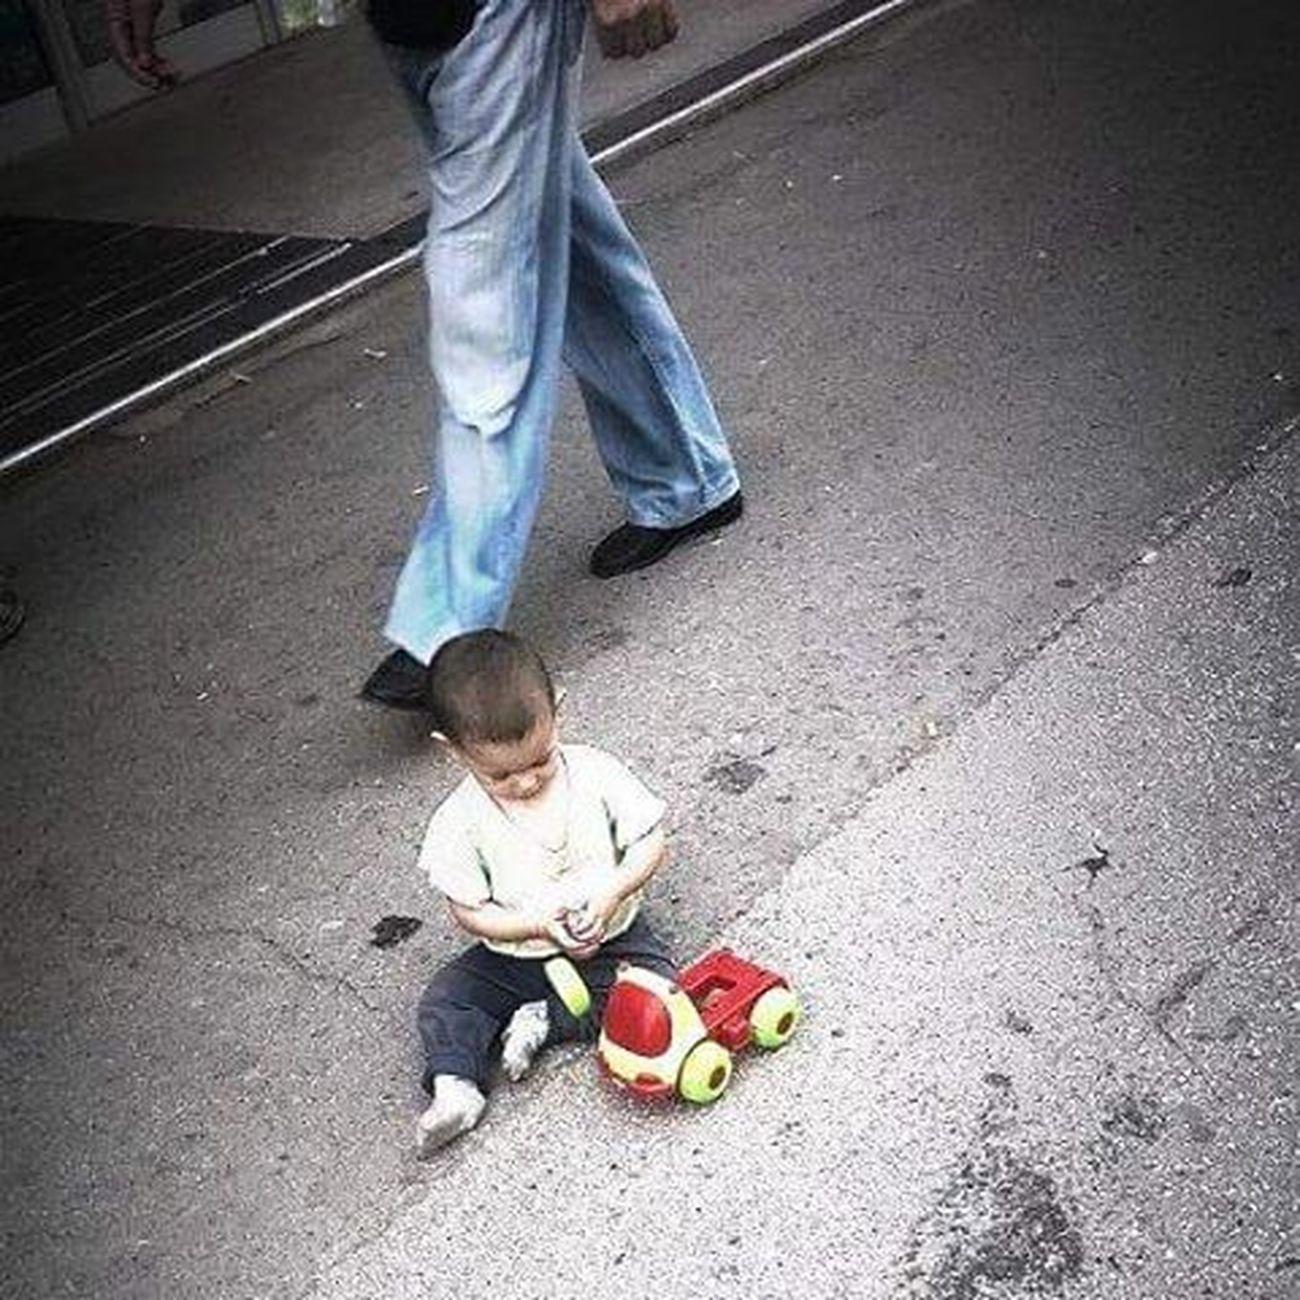 Onokad svaka susa moze da bude roditelj Inace cale sa strane cirka rakiju... Part 3 Child Play Toy Madworld Street Sad Alone Felling Badparentskills